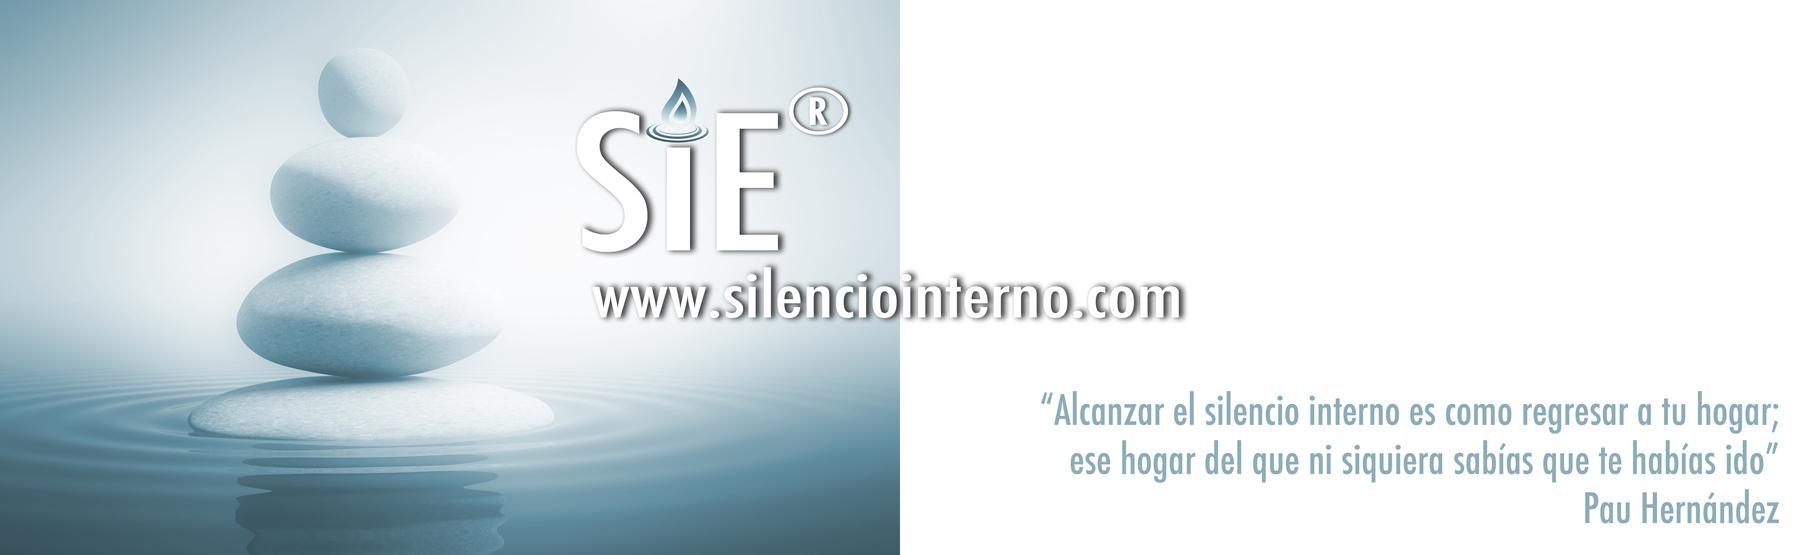 SILENCIO INTERNO Y EXTERNO – MEDITACIÓN SIE®